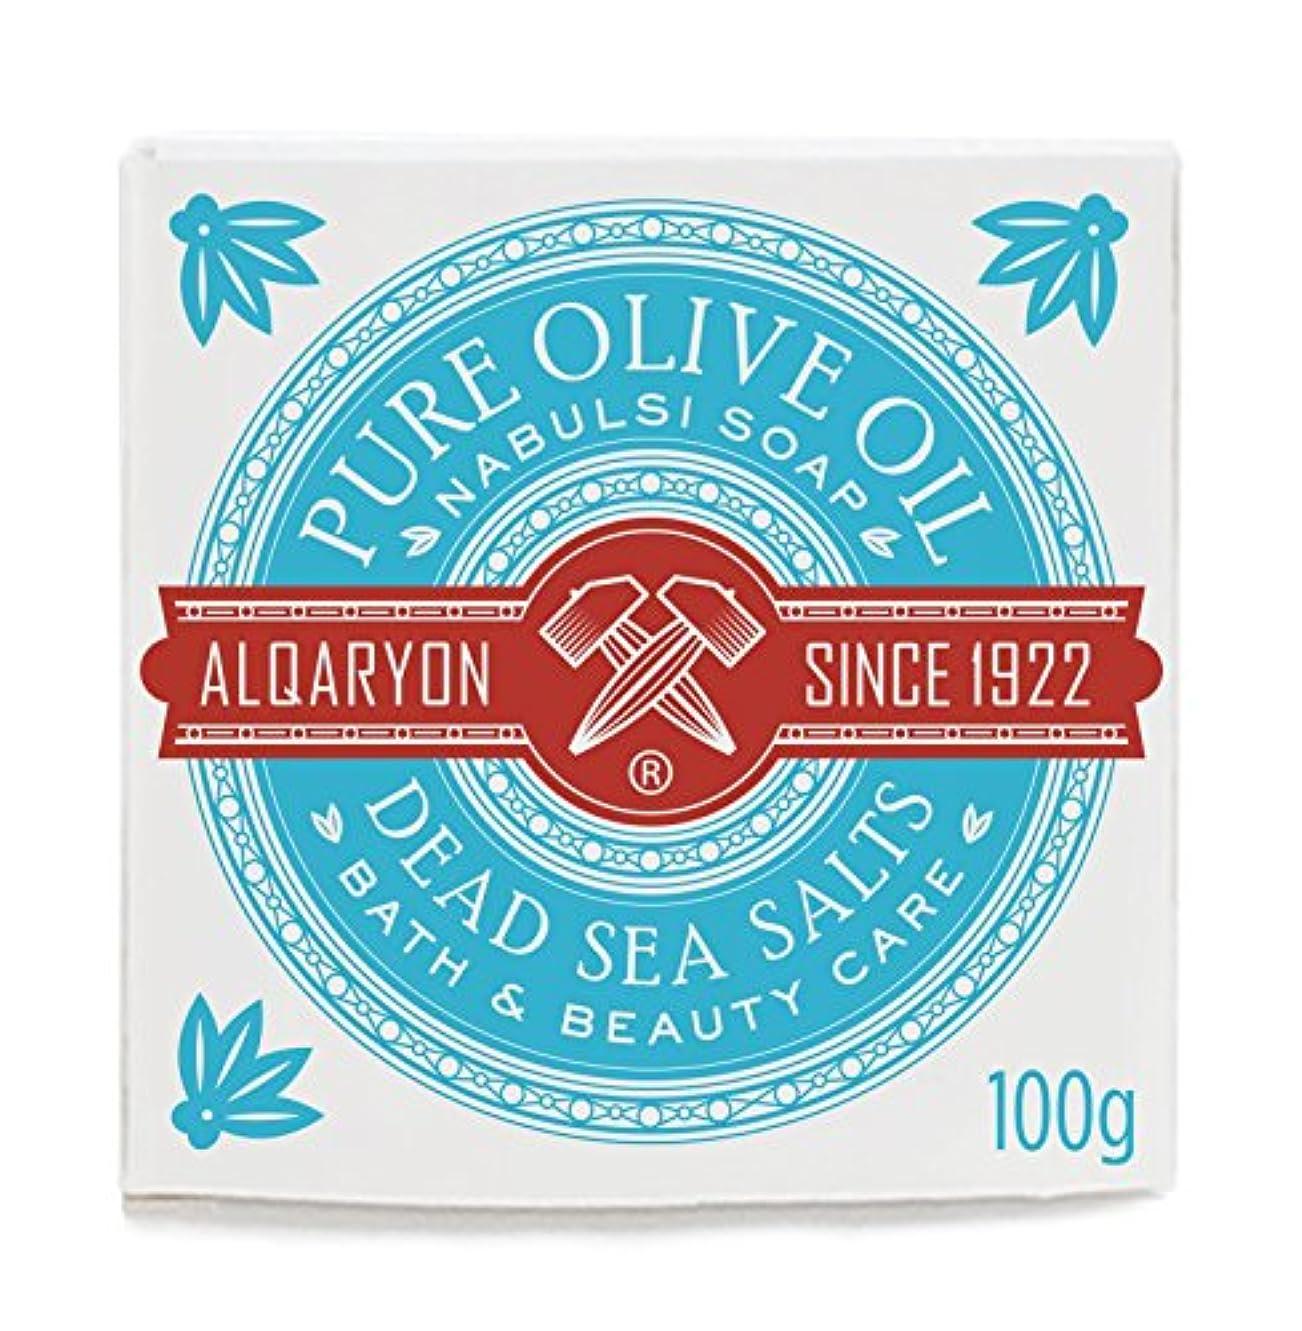 時期尚早したい気質Alqaryon Dead Sea Salts & Olive Oil Bar Soap, Pack of 4 Bars 100g- Alqaryonの死海で取れる塩&オリーブオイル ソープ、バス & ビューティー ケア...